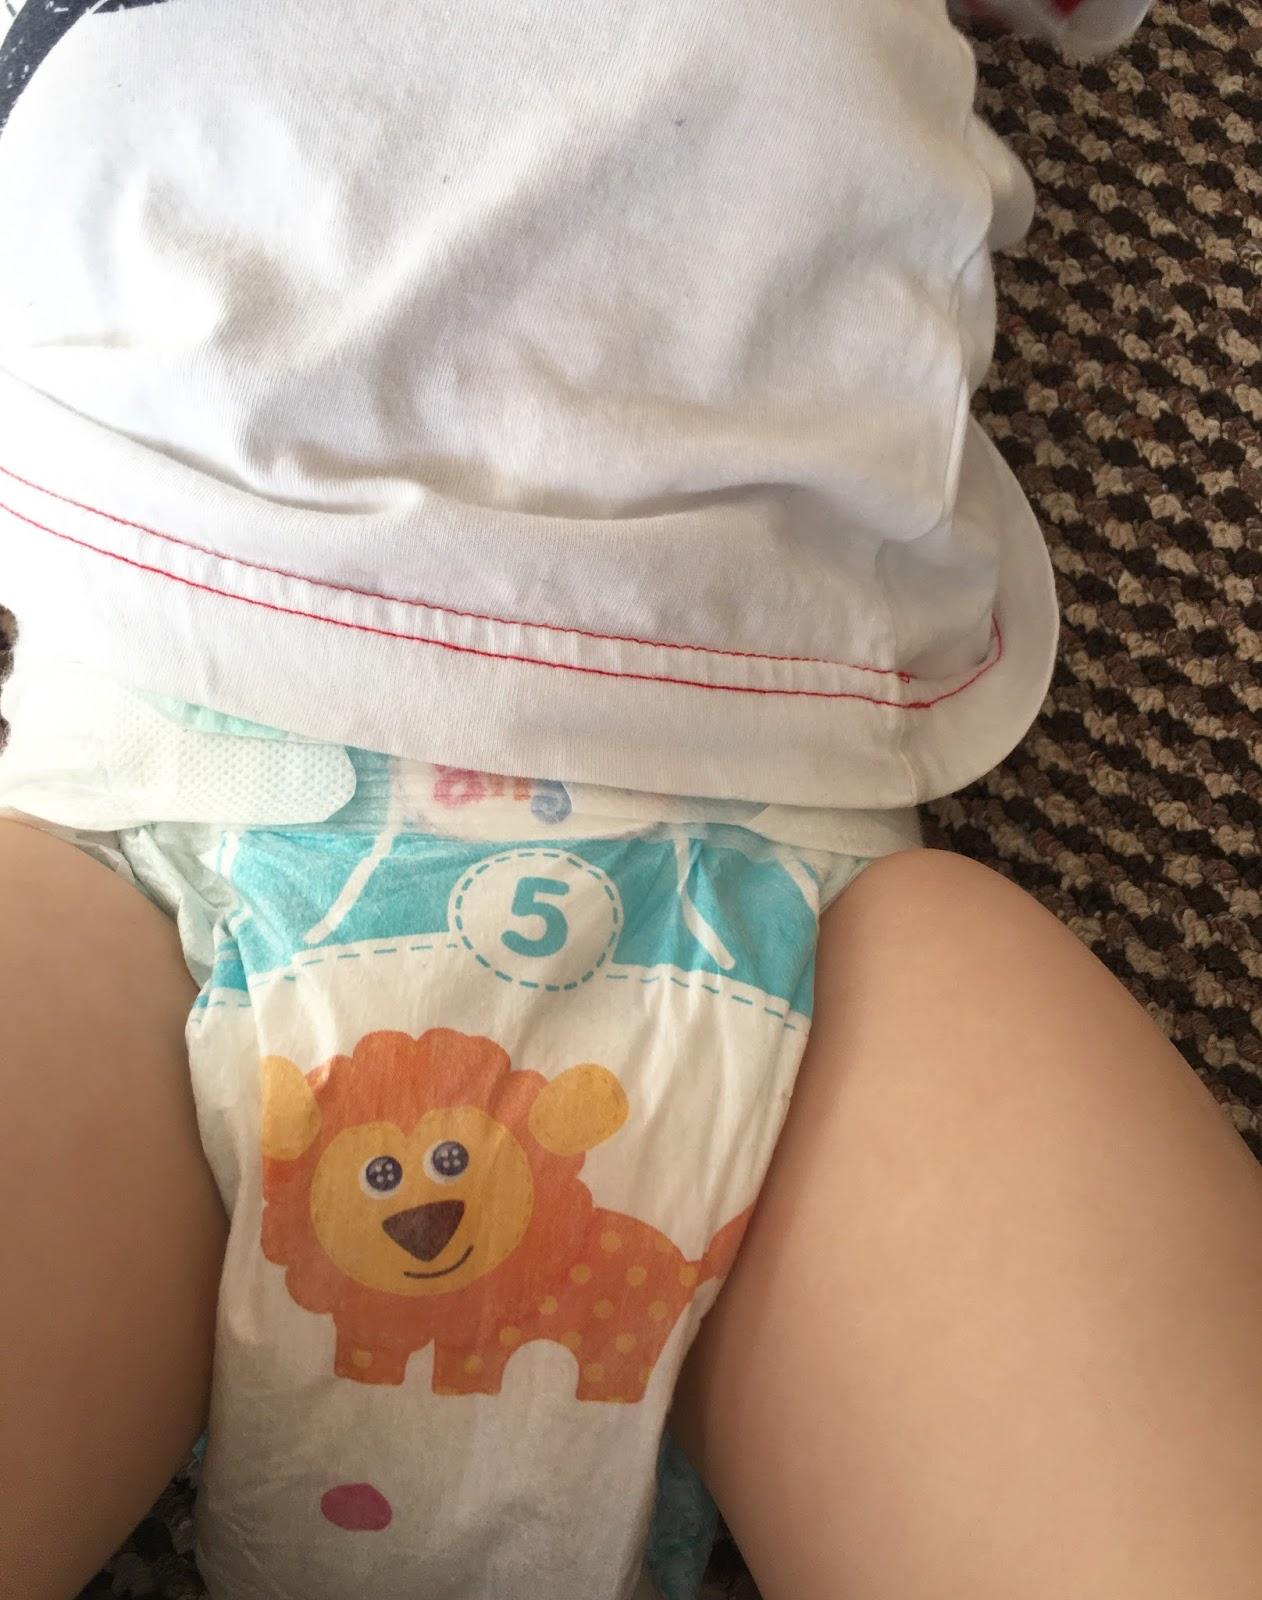 Puffy diaper — pic 5